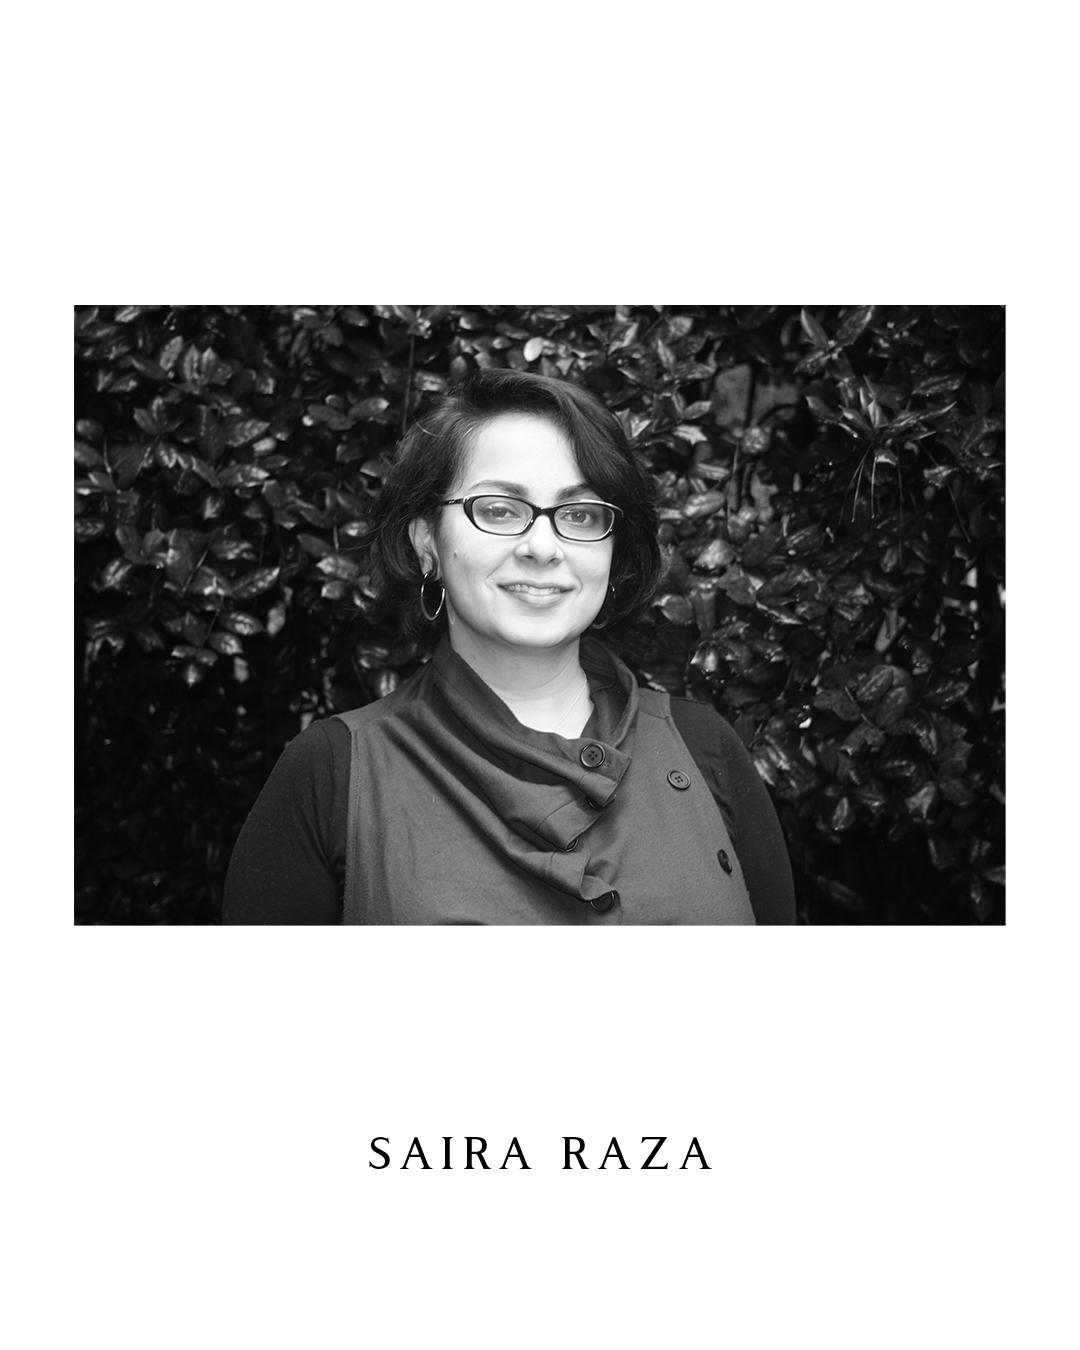 Saira Raza - Composer/Sound Design